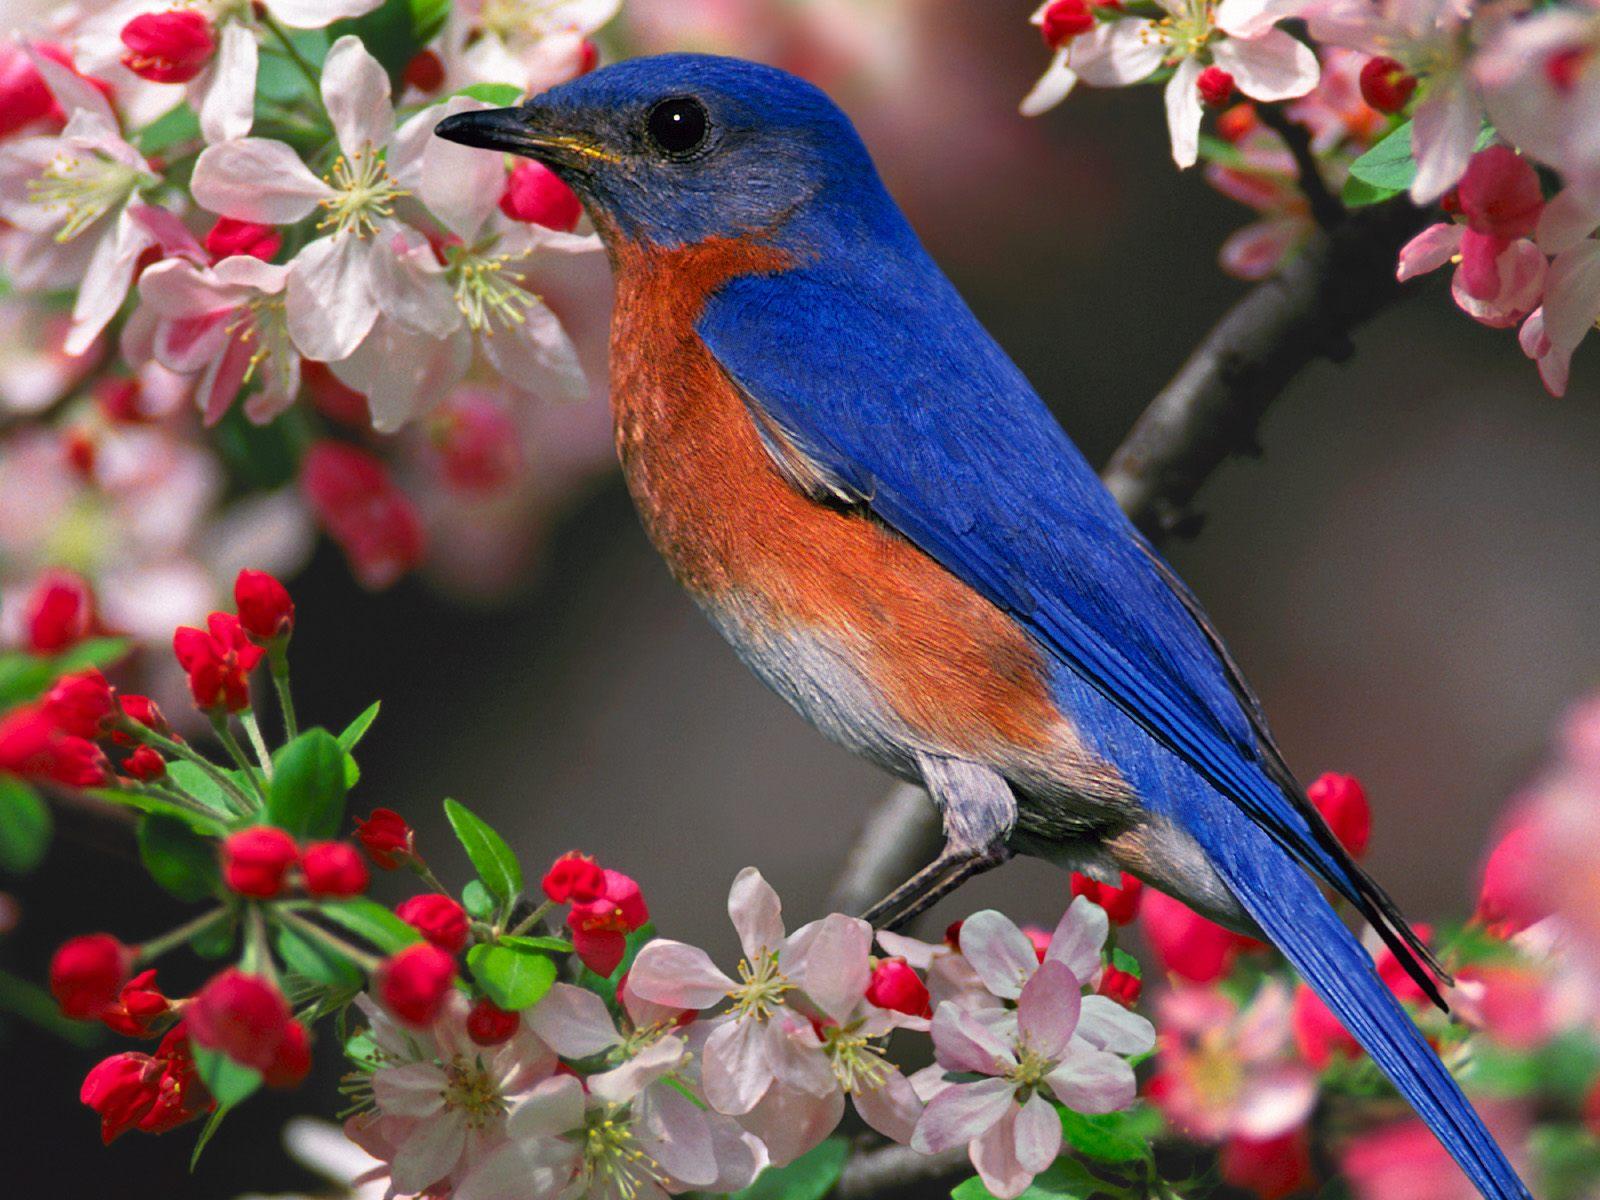 blue bird hd wallpaper colourful parrot birds wallpaper animated bird 1600x1200